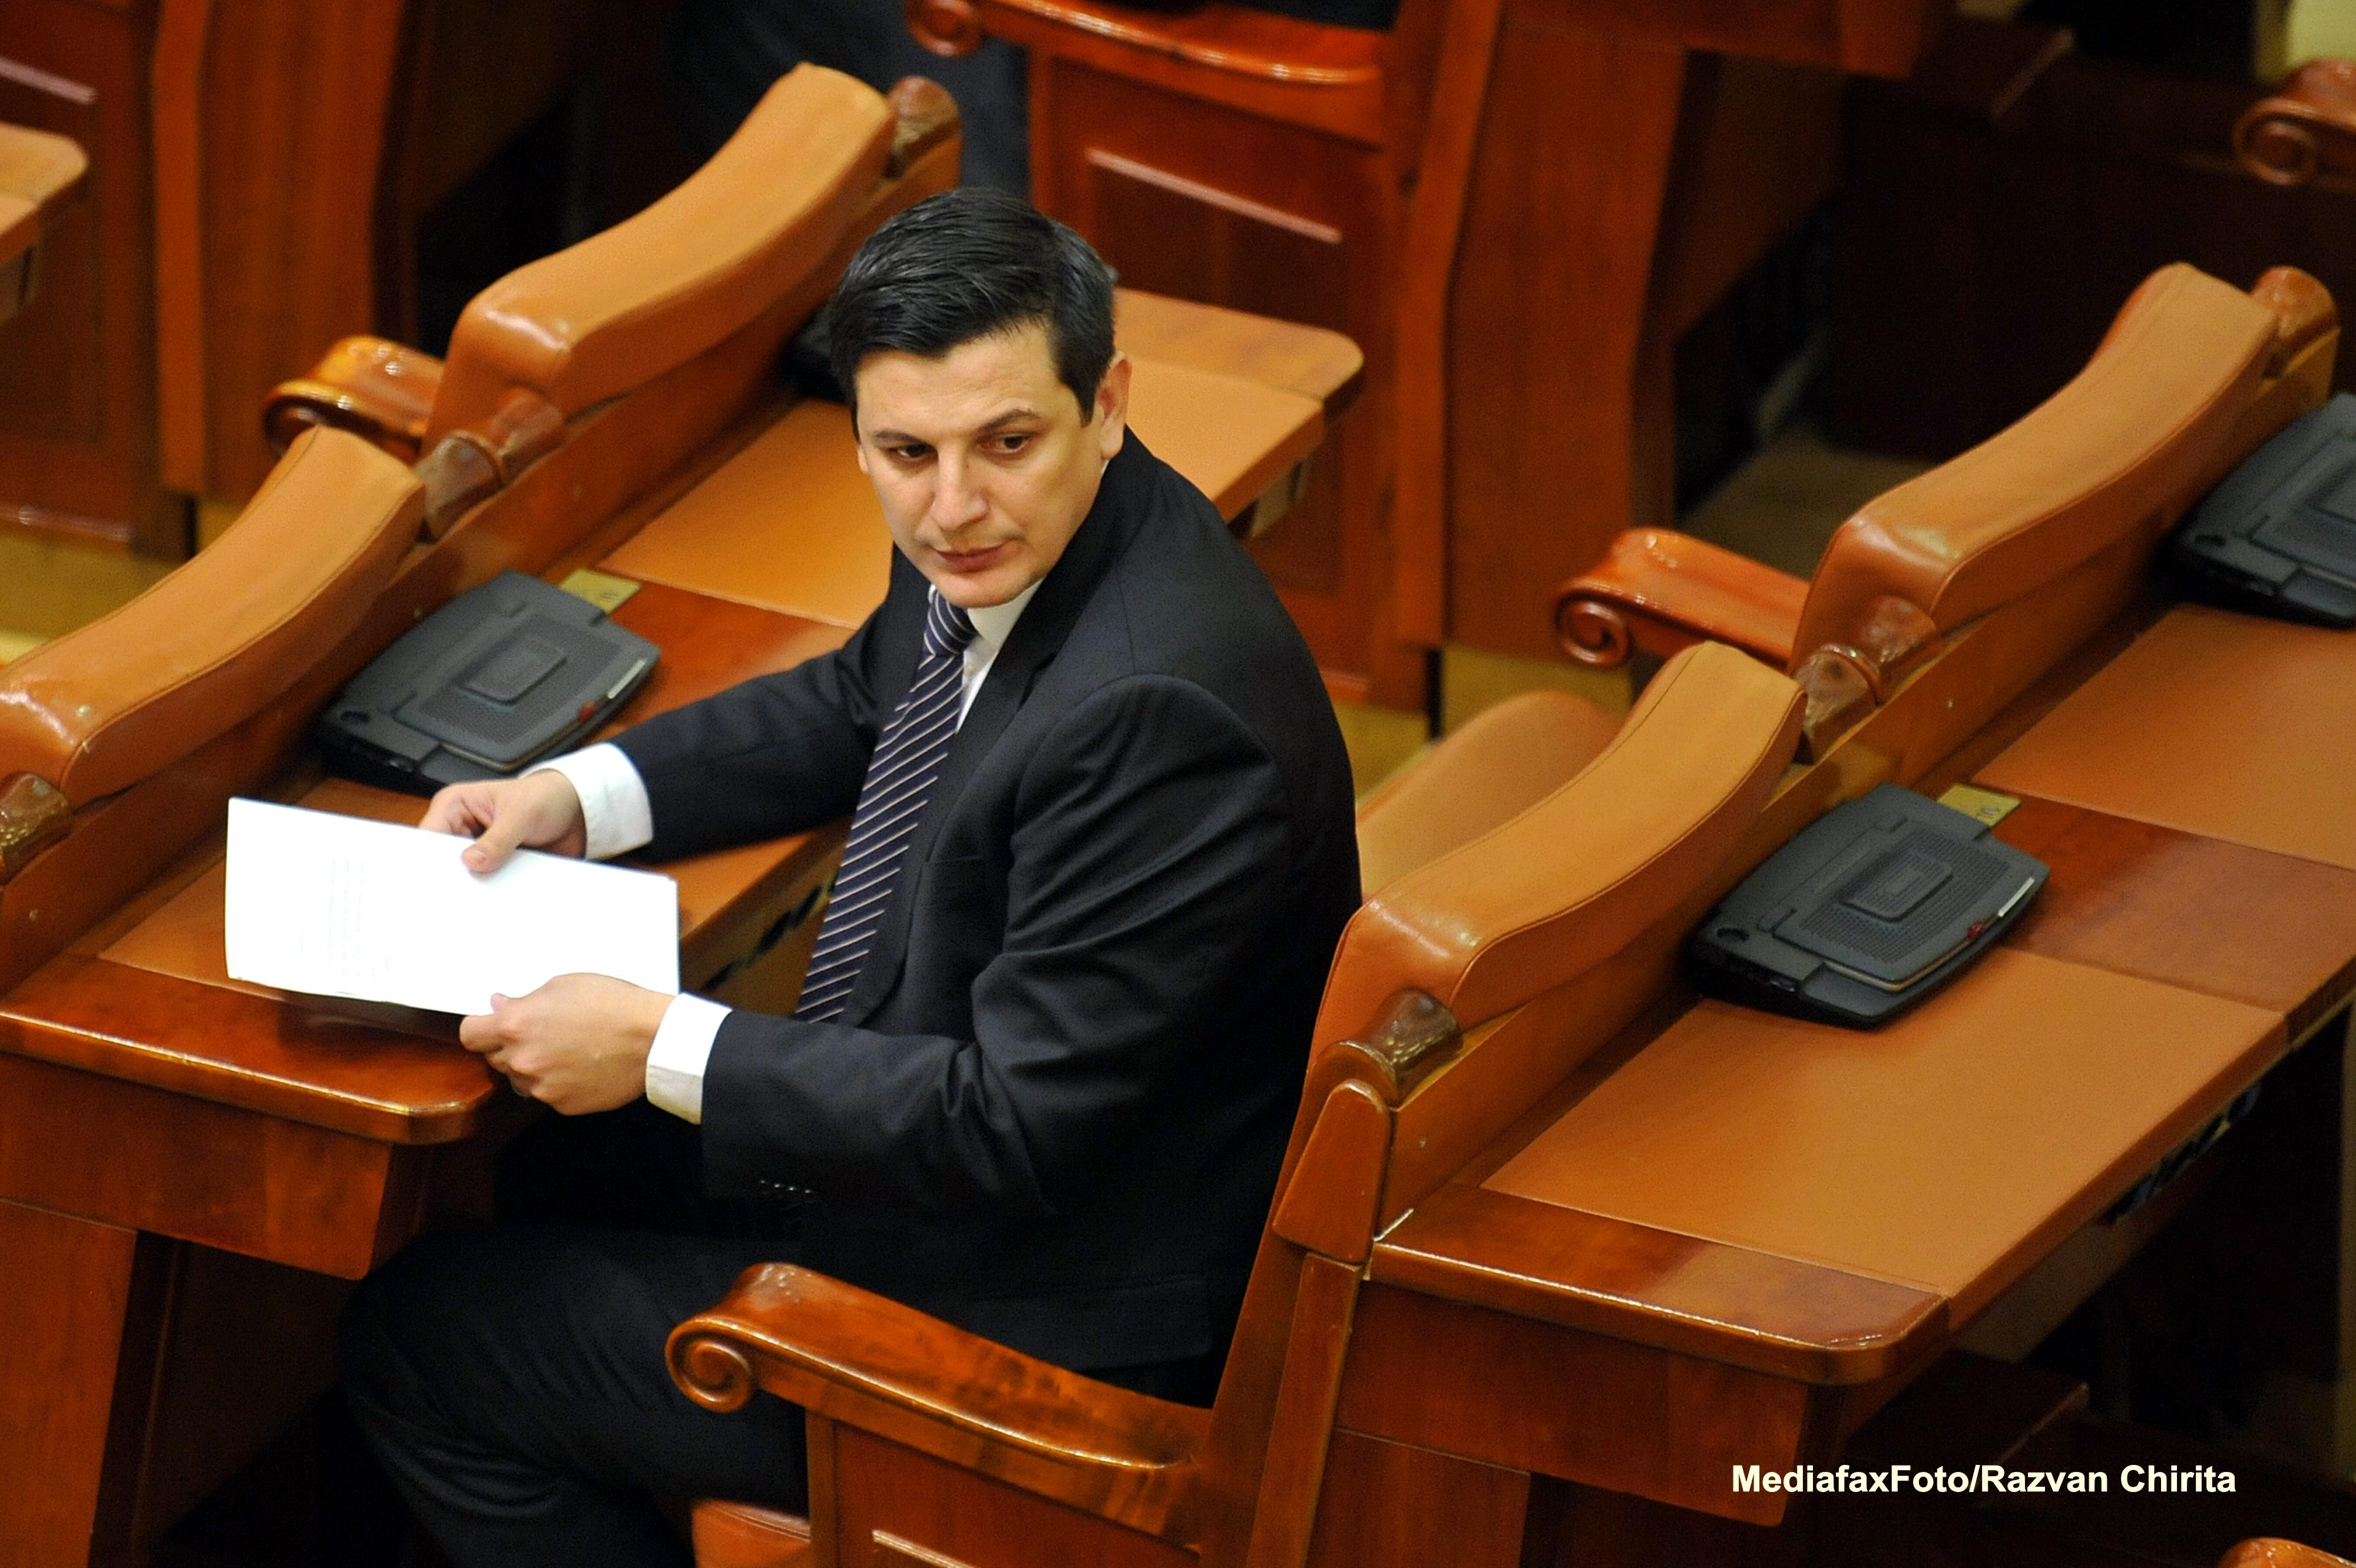 Alin Trasculescu a fost eliberat din arest, dupa decizia definitiva a Curtii de Apel Bucuresti